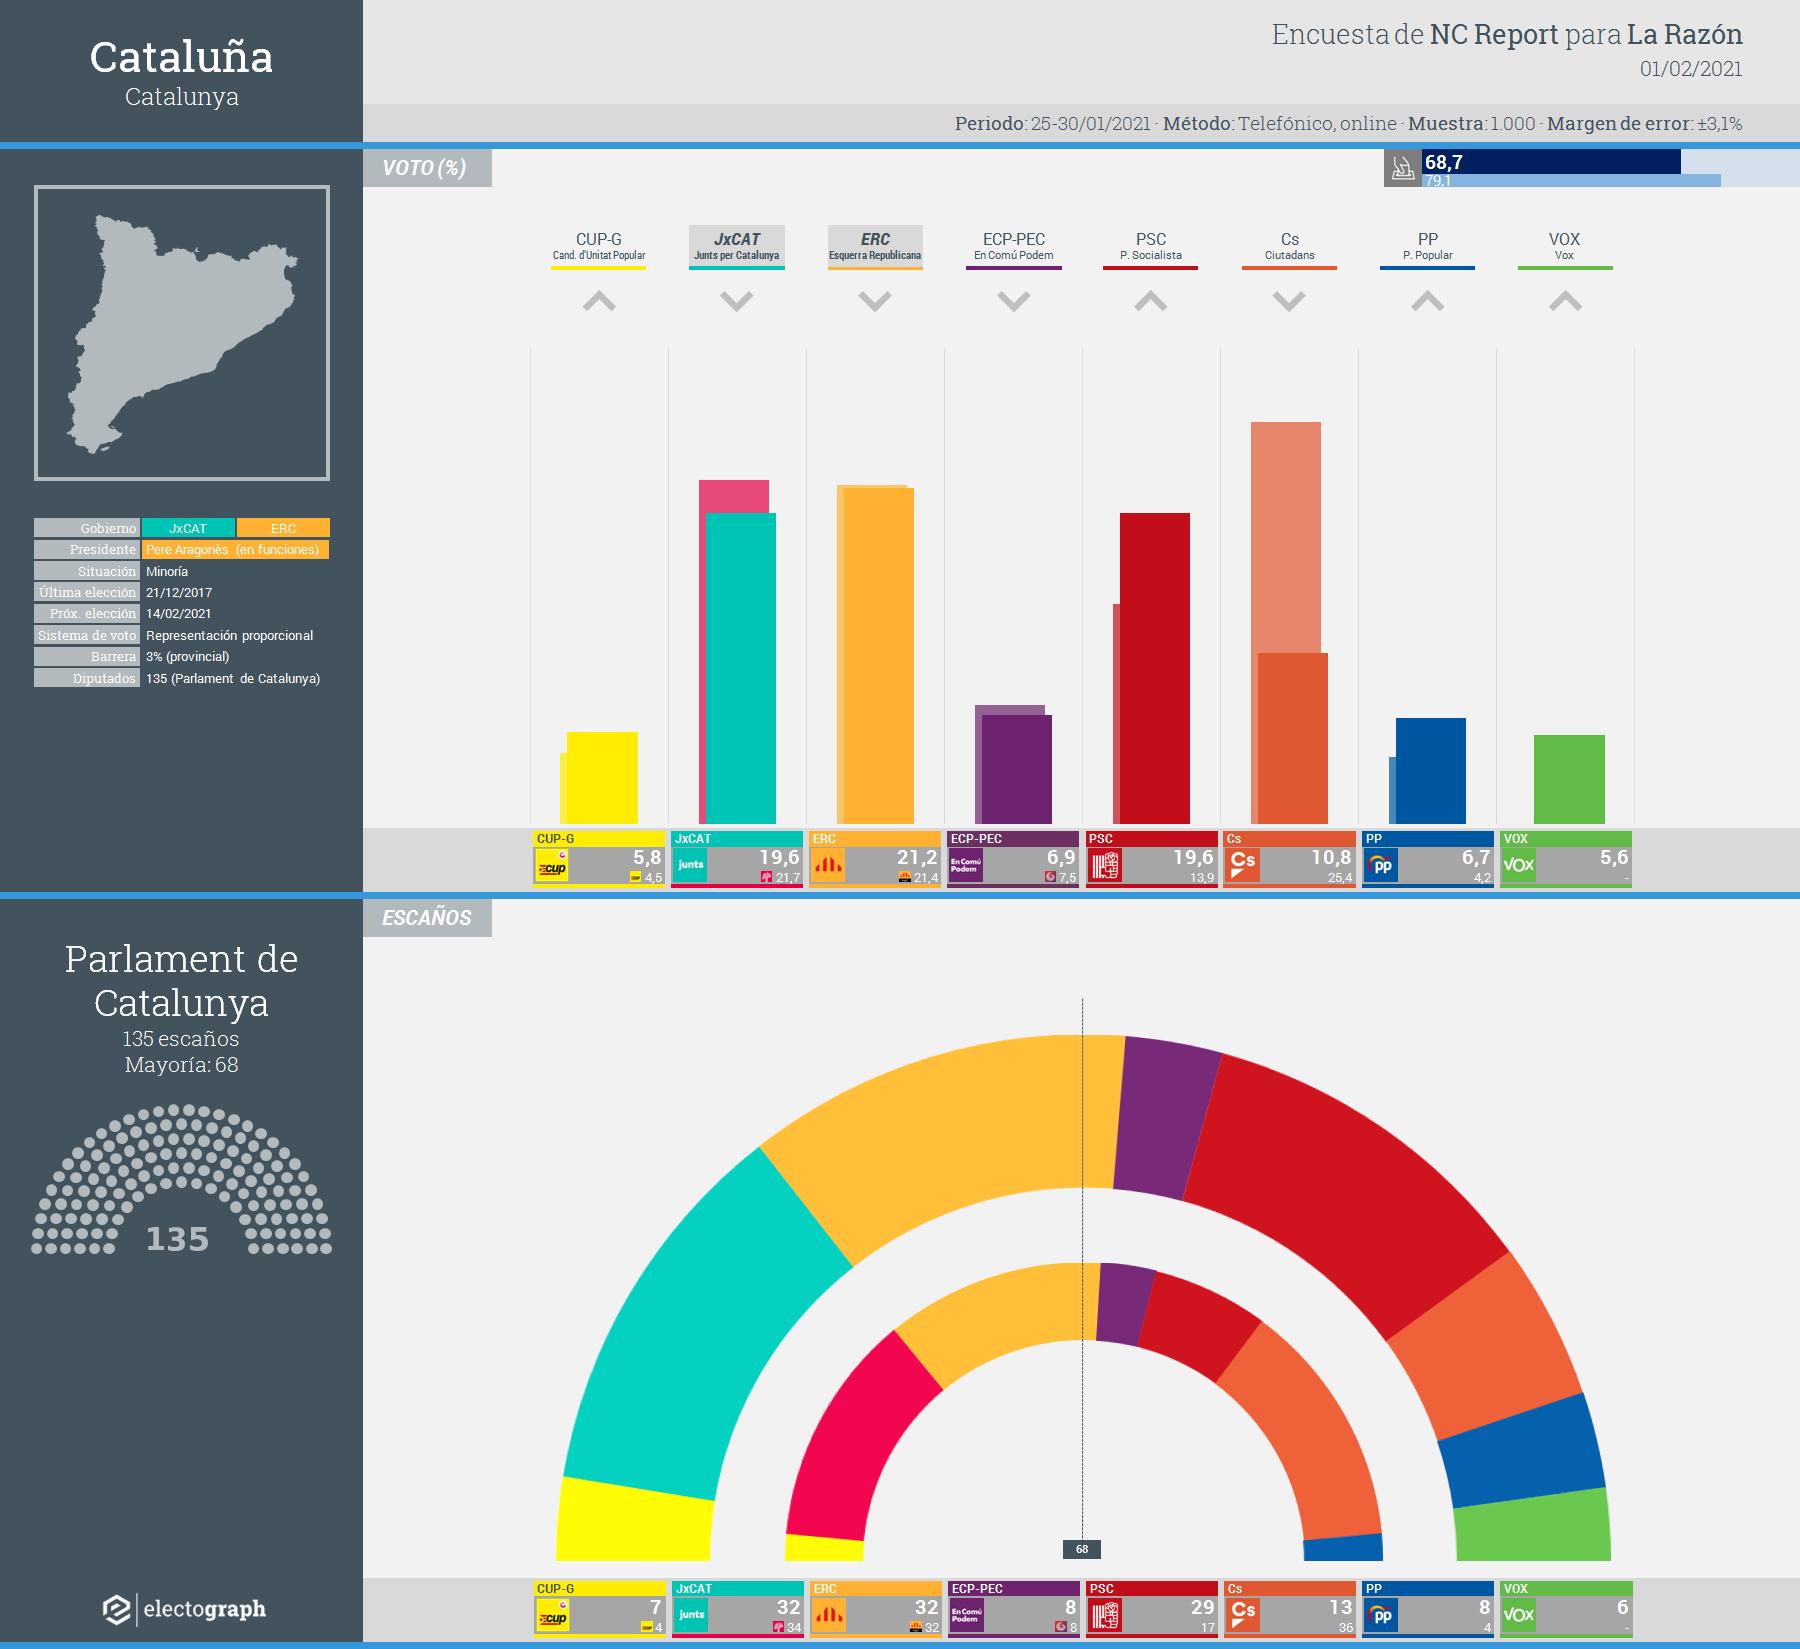 Gráfico de la encuesta para elecciones generales en Cataluña realizada por NC Report para La Razón, 1 febrero 2021